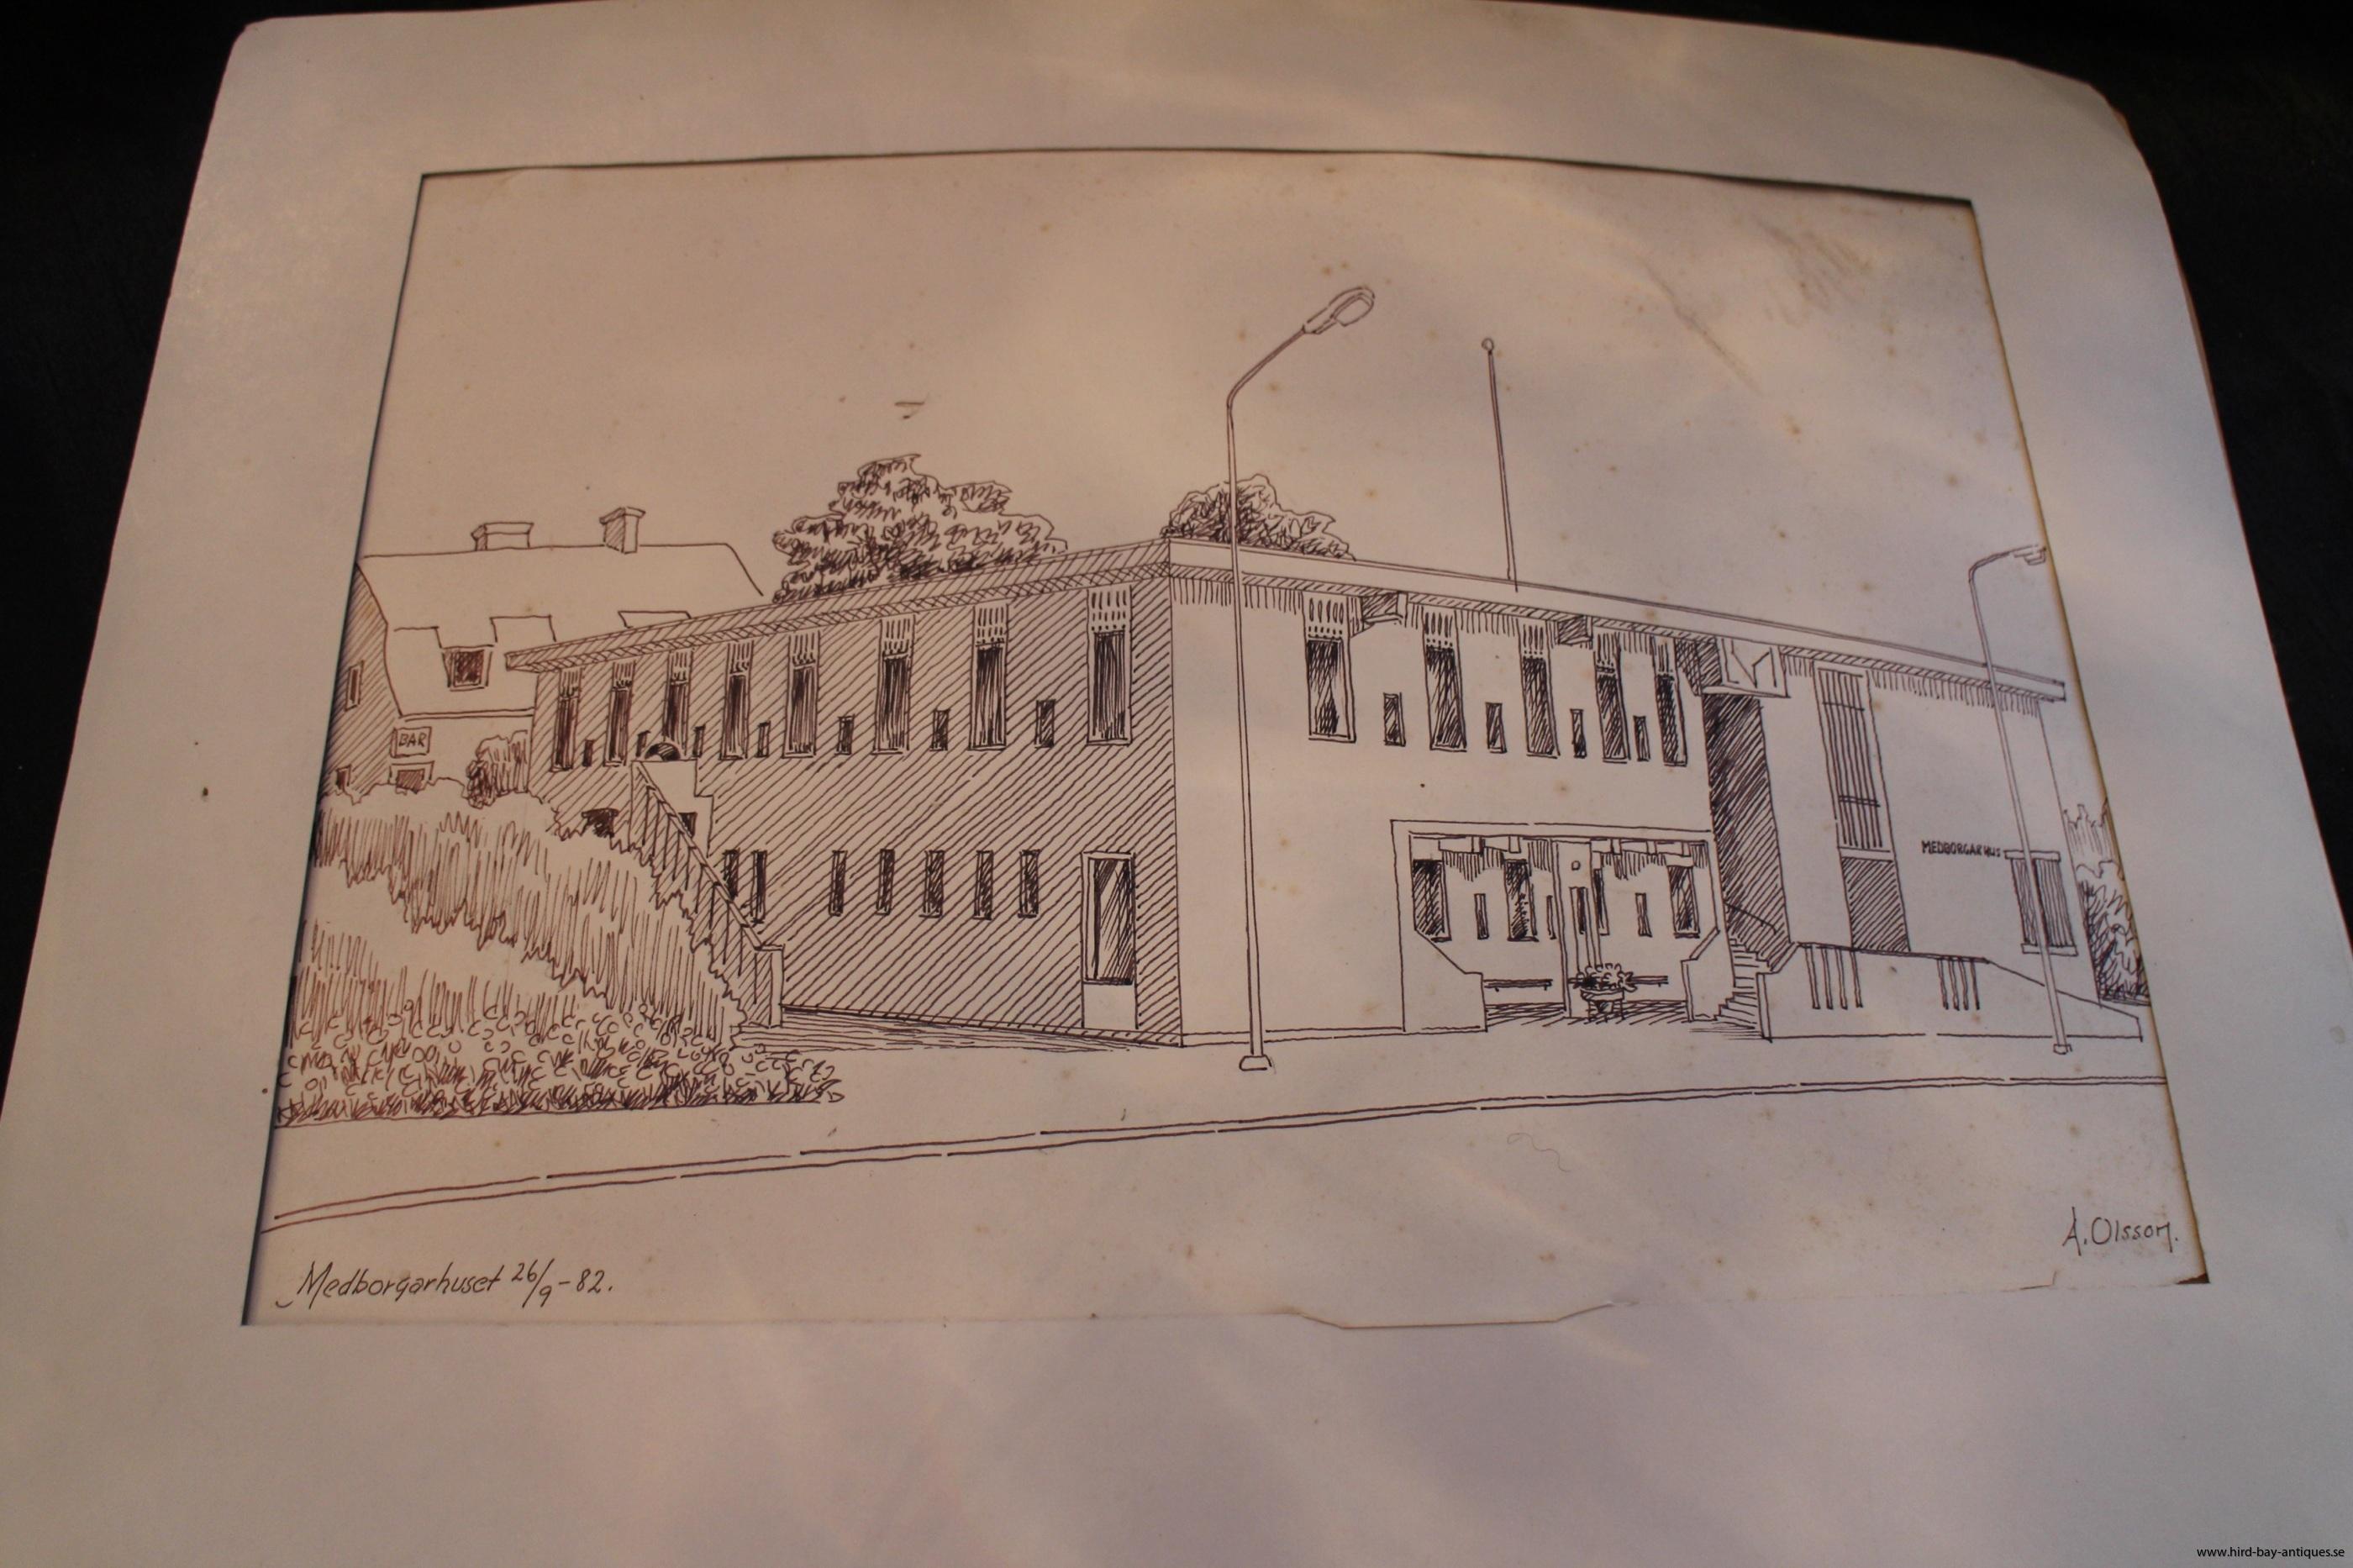 Allan Olsson medborgarhuset kulturhuset Markaryd